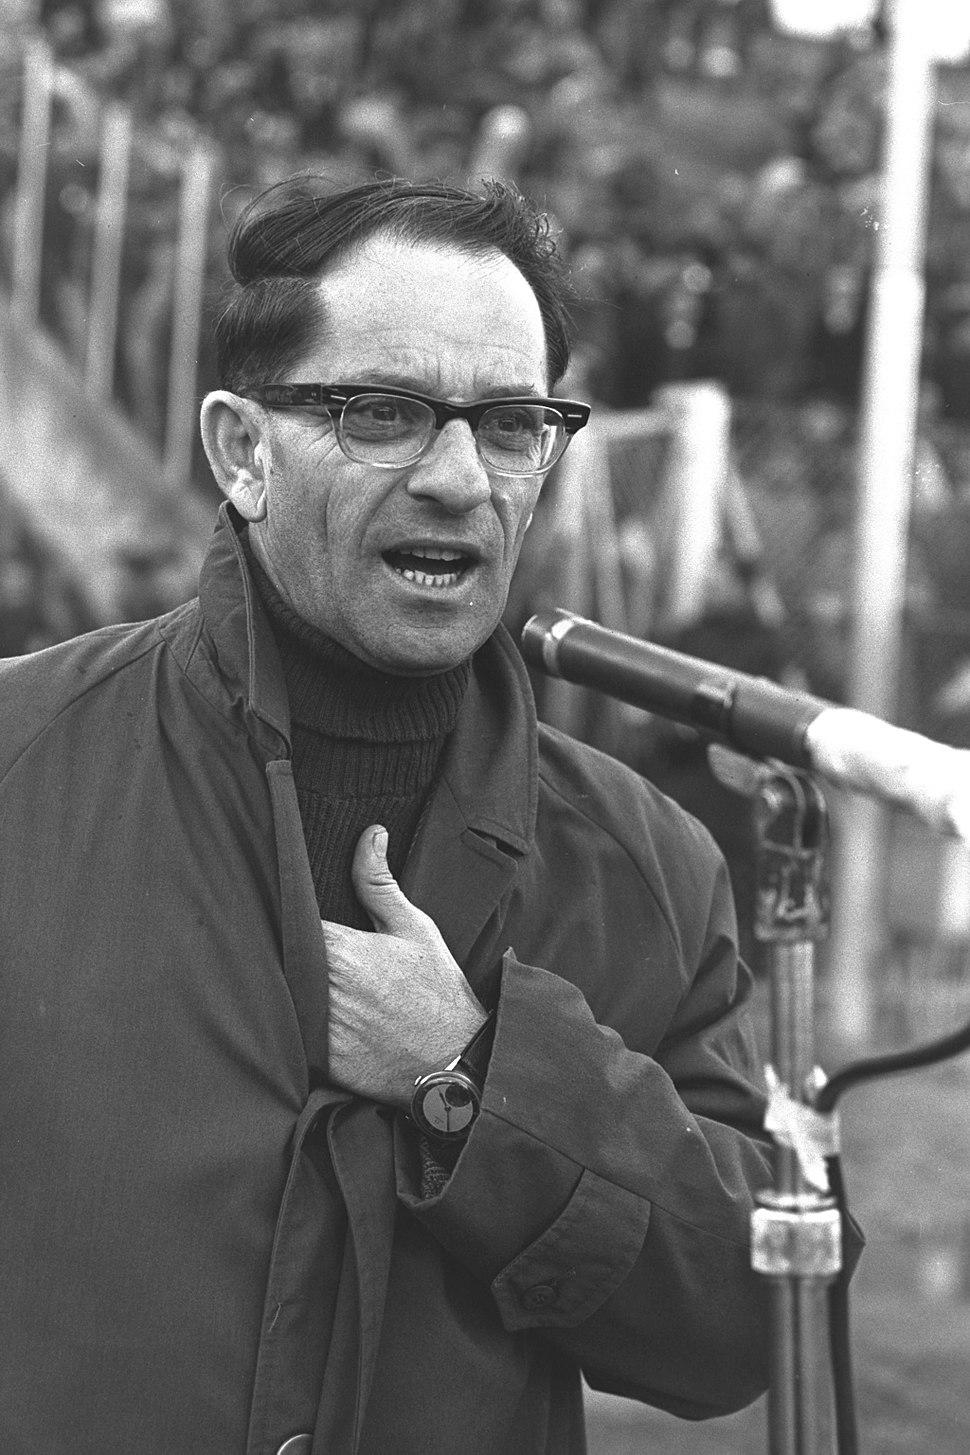 נחמיה בן אברהם משדר משחק ידידות בין נבחרות ישראל והולנד, 26 בינואר 1965